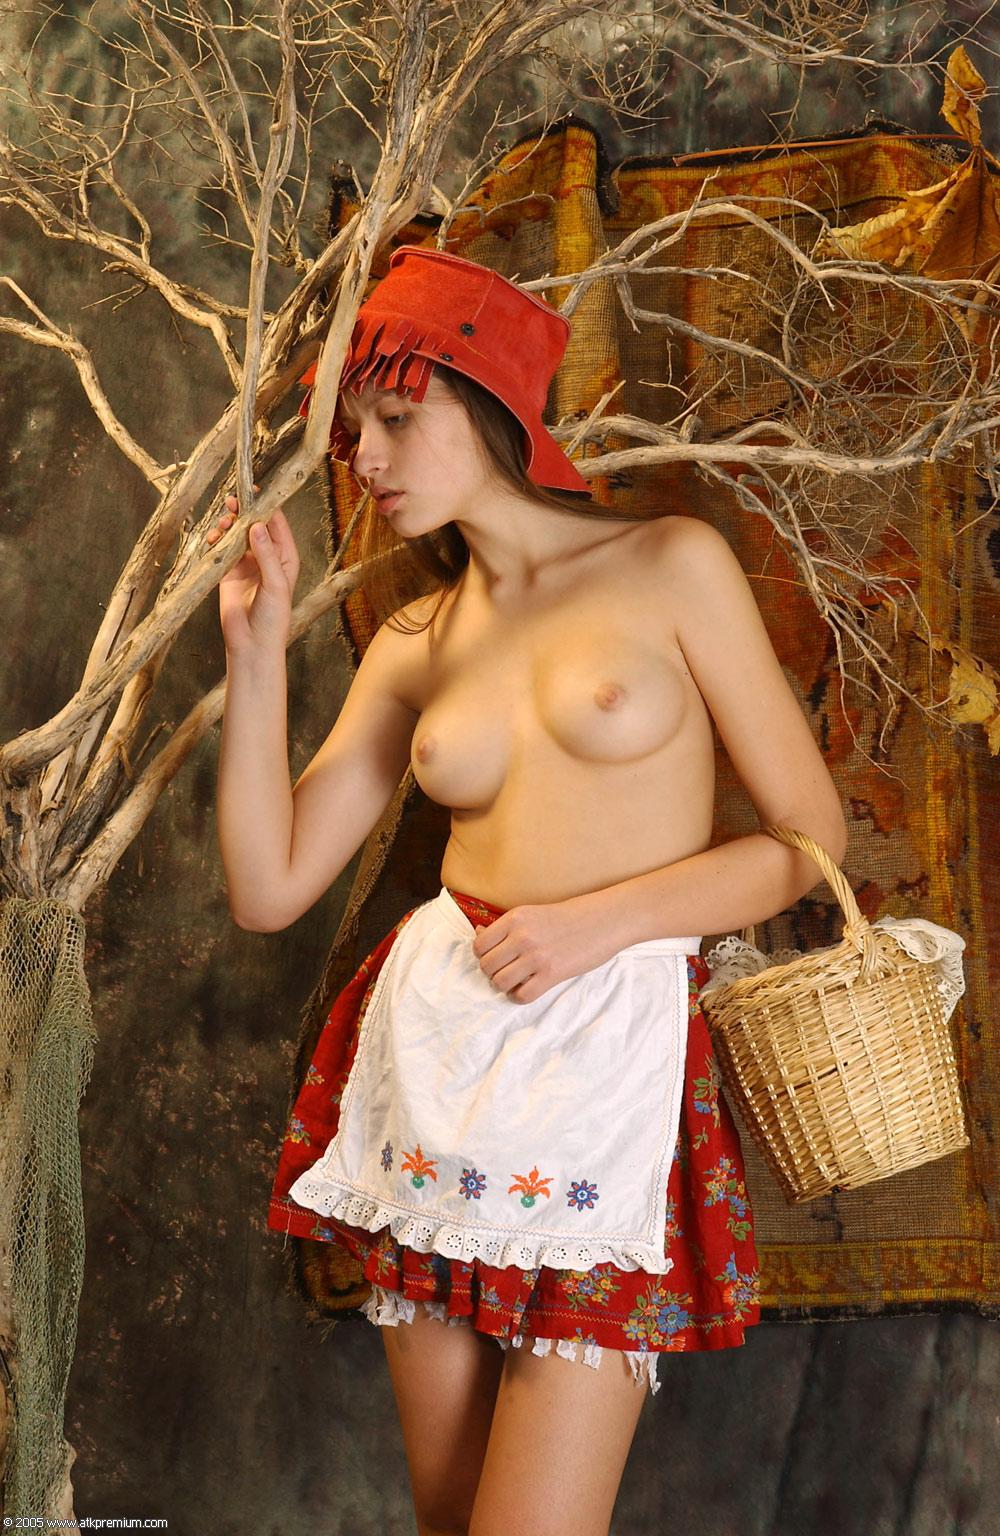 Galitsin art hentai pics